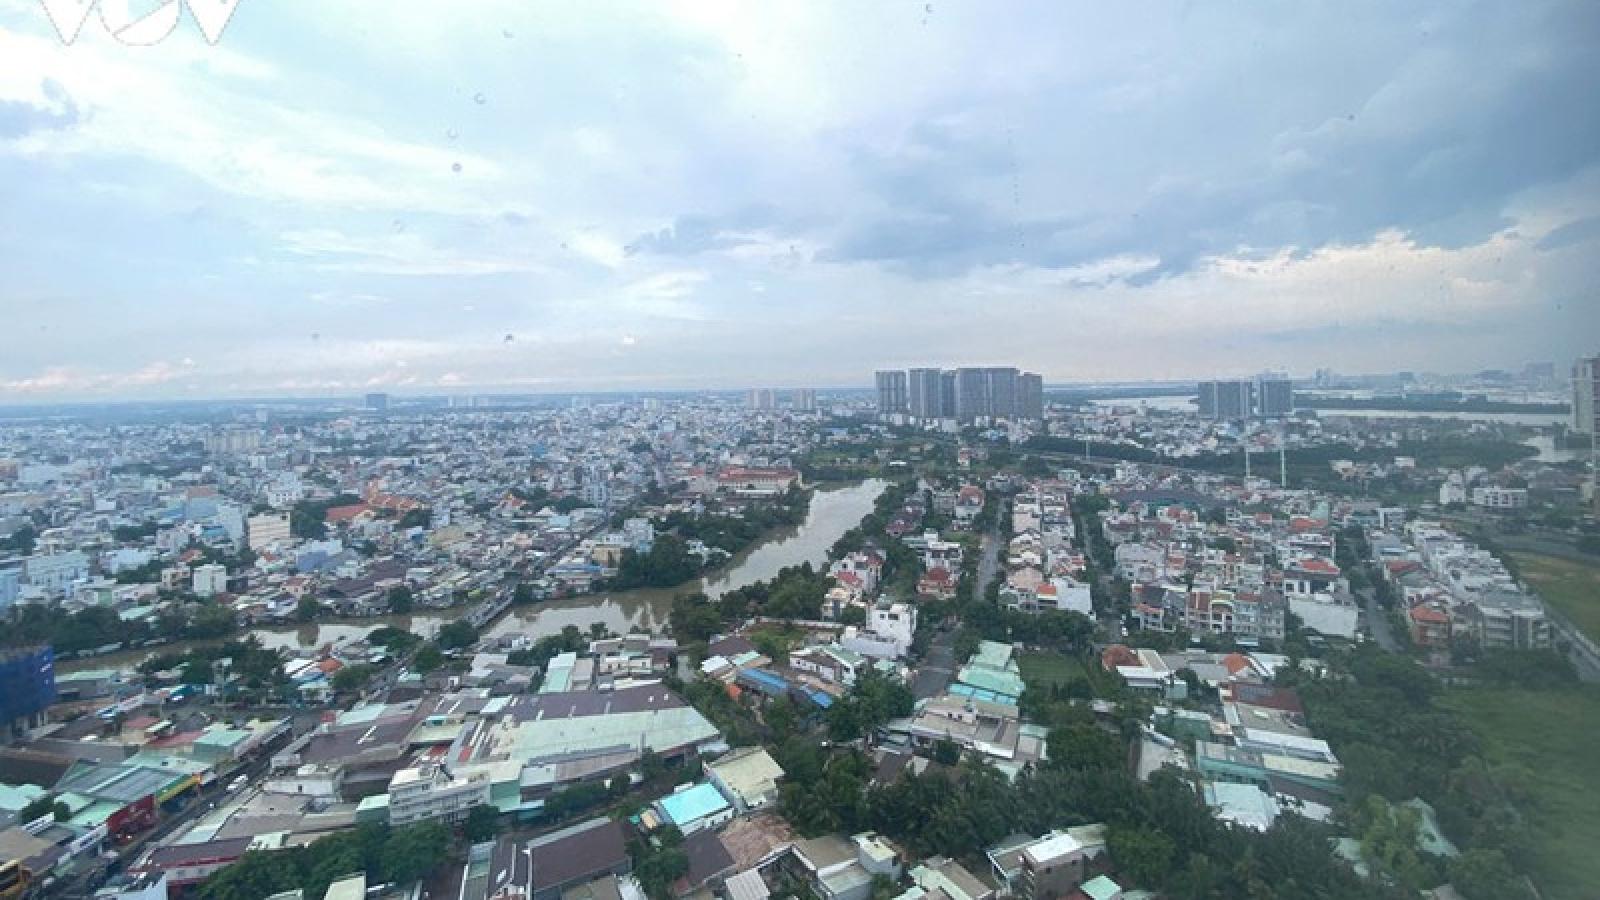 TP HCM hoàn chỉnh đề án Thành phố Thủ Đức trong tháng 8/2020